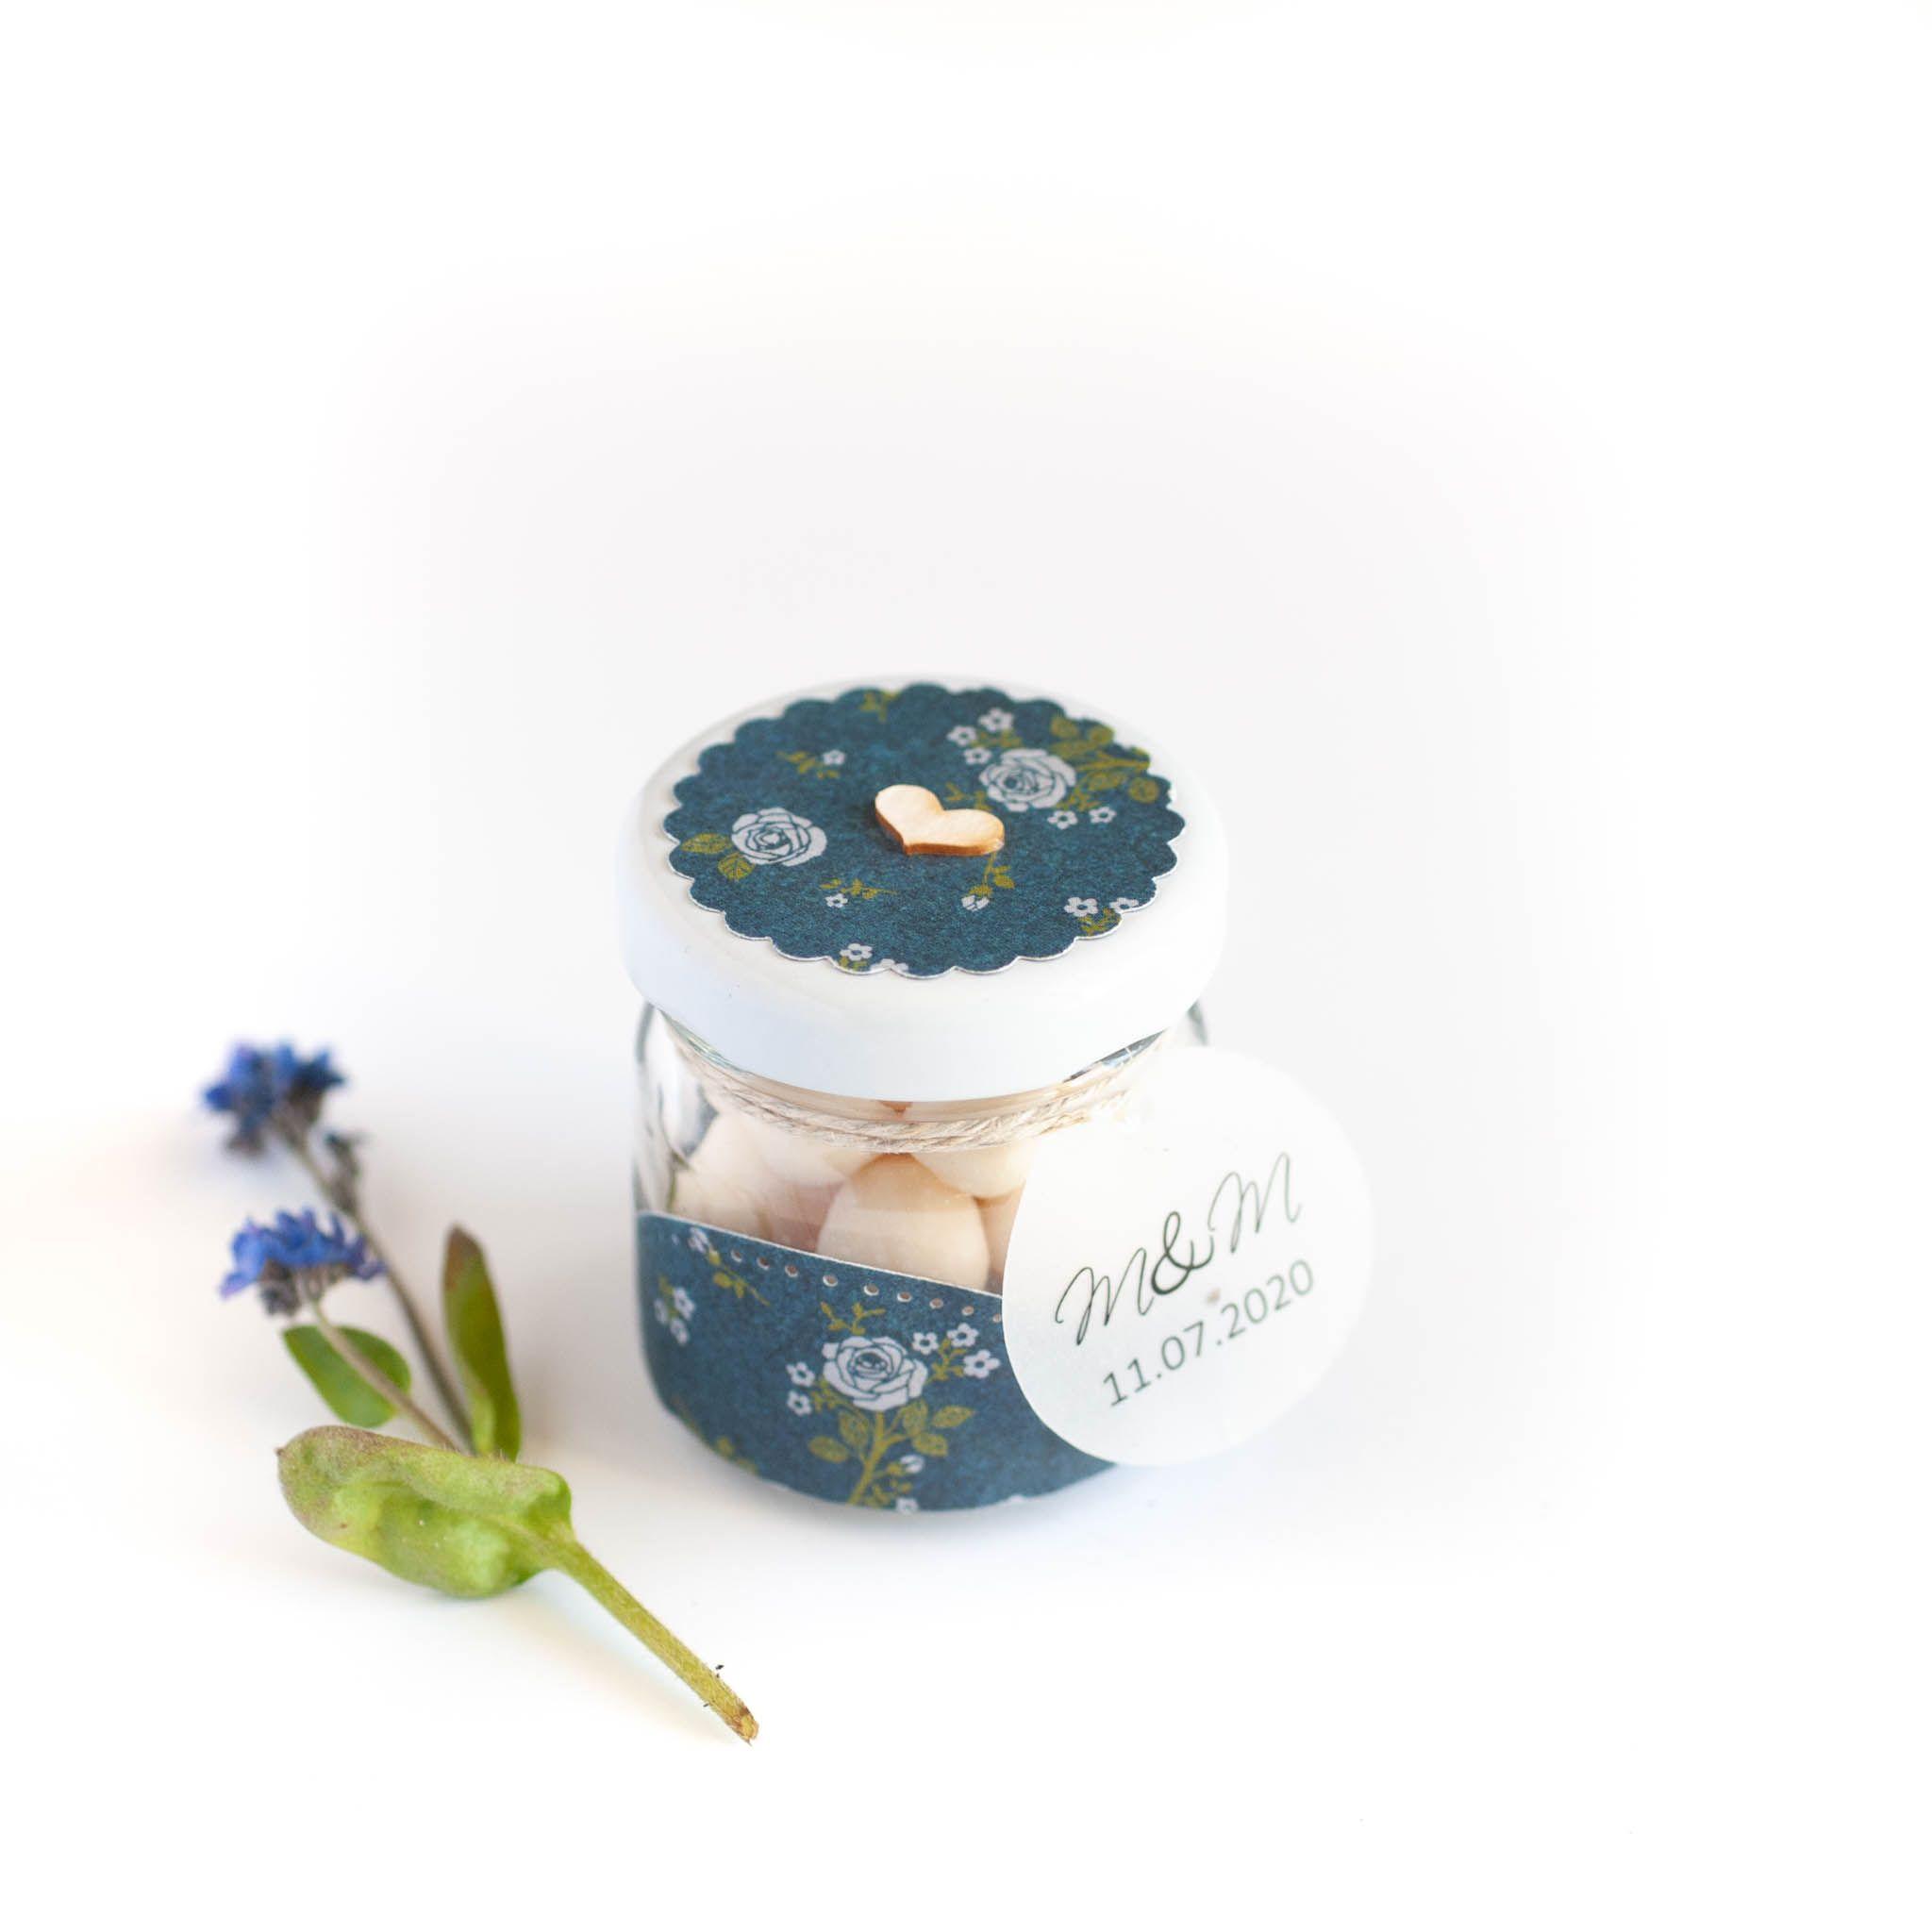 Podziękowanie dla gości Słoiczek z drażami granatowy w błękitne kwiatki